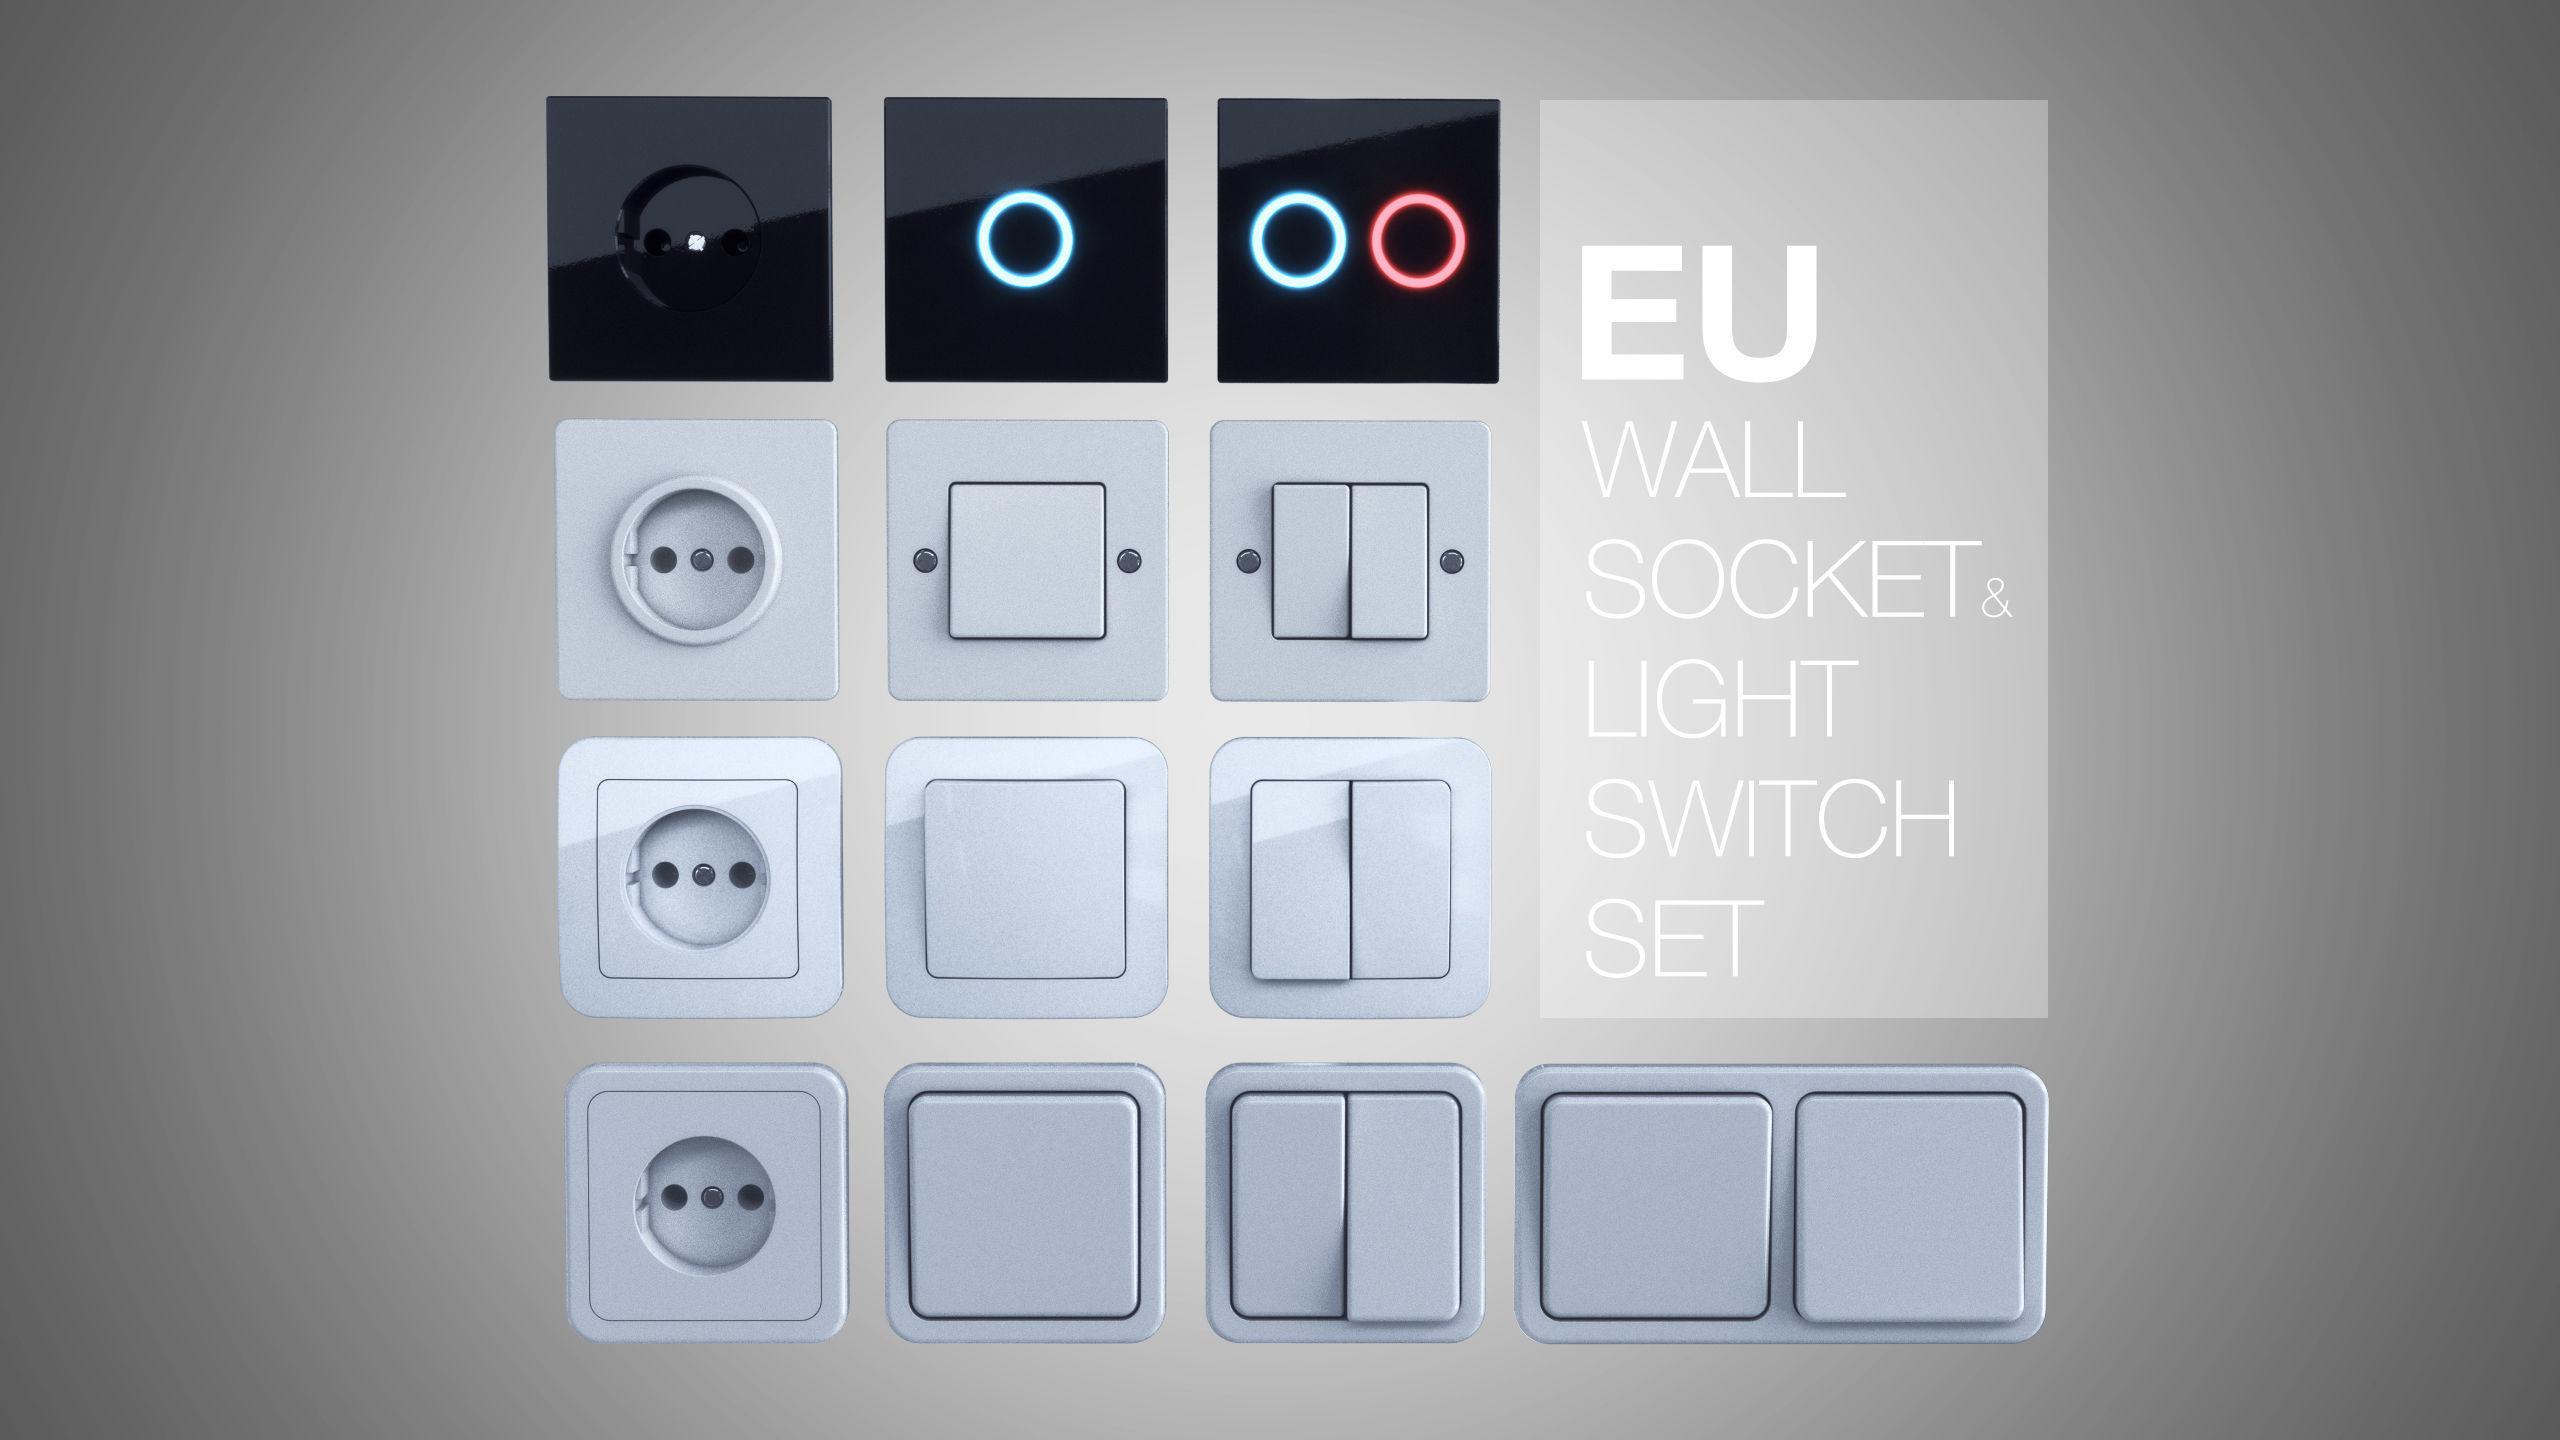 EU wall socket and light switch set